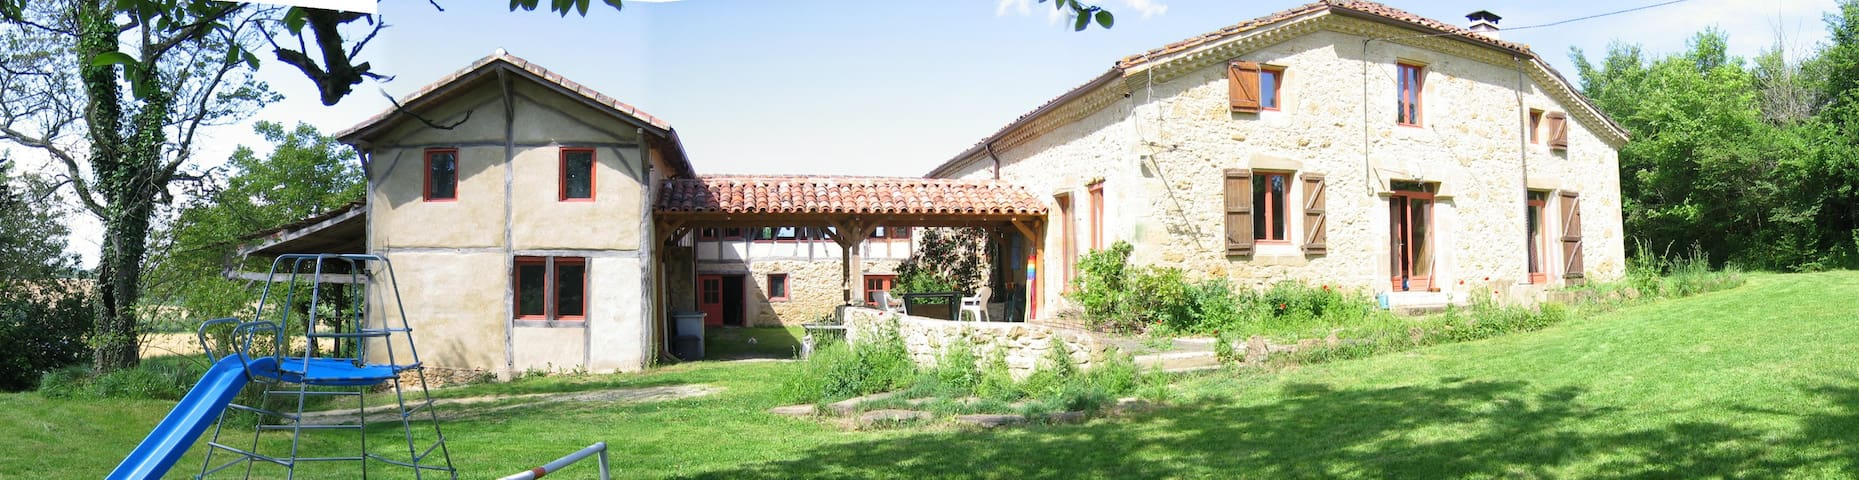 Au coeur de l'Armagnac, logement indépendant.